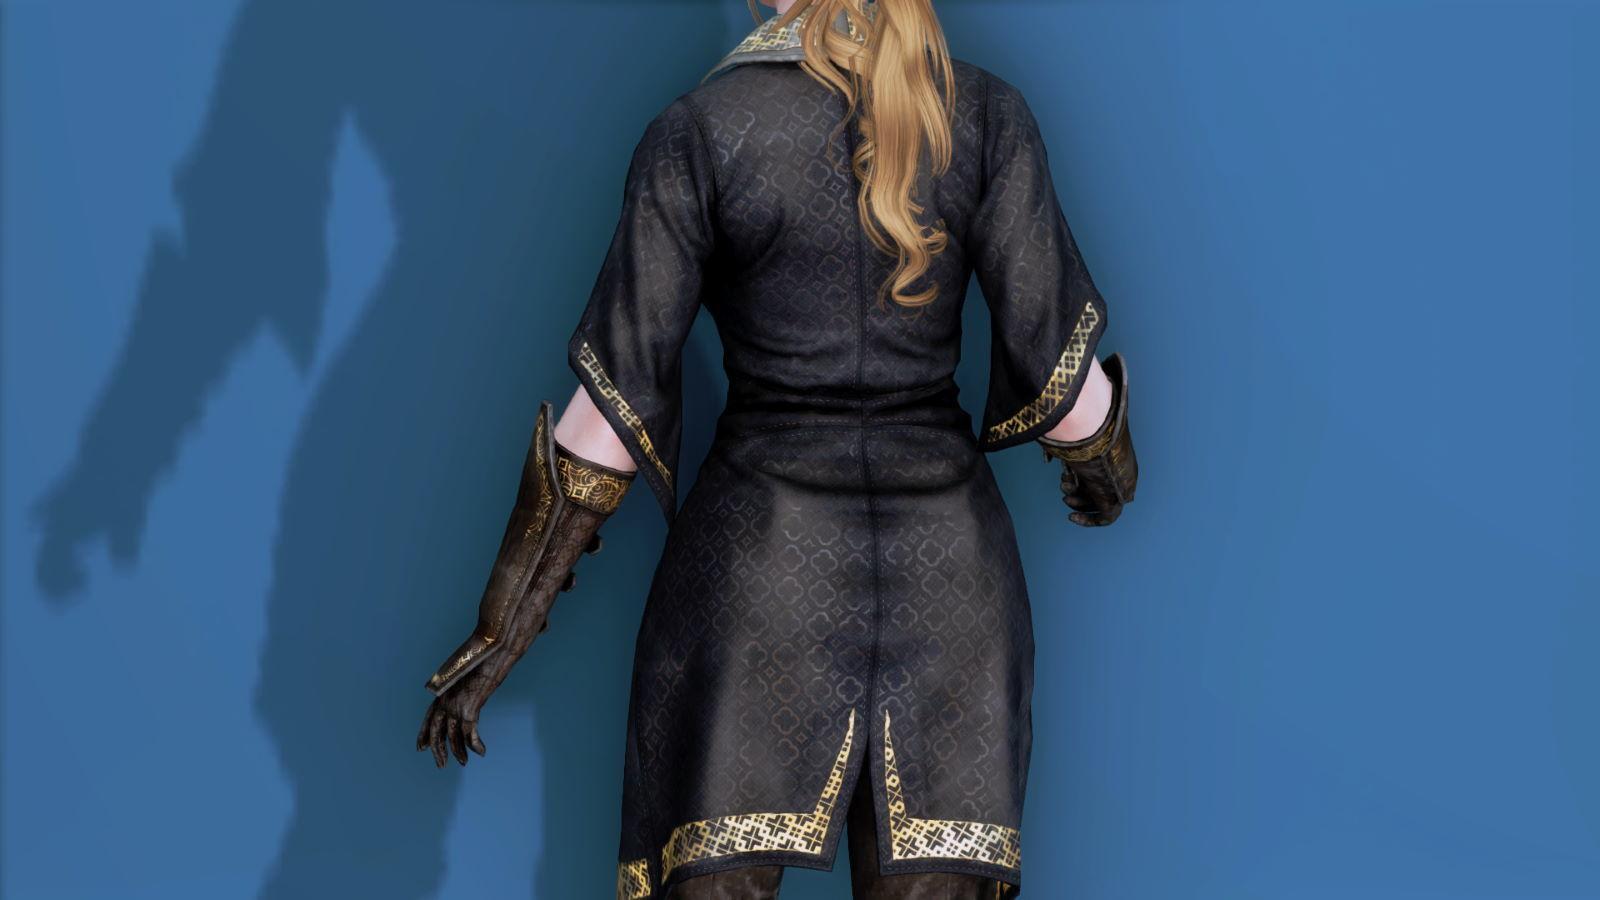 RuggedRogueSSE 313-1 Pose Up-Ba-F Overcoat 1